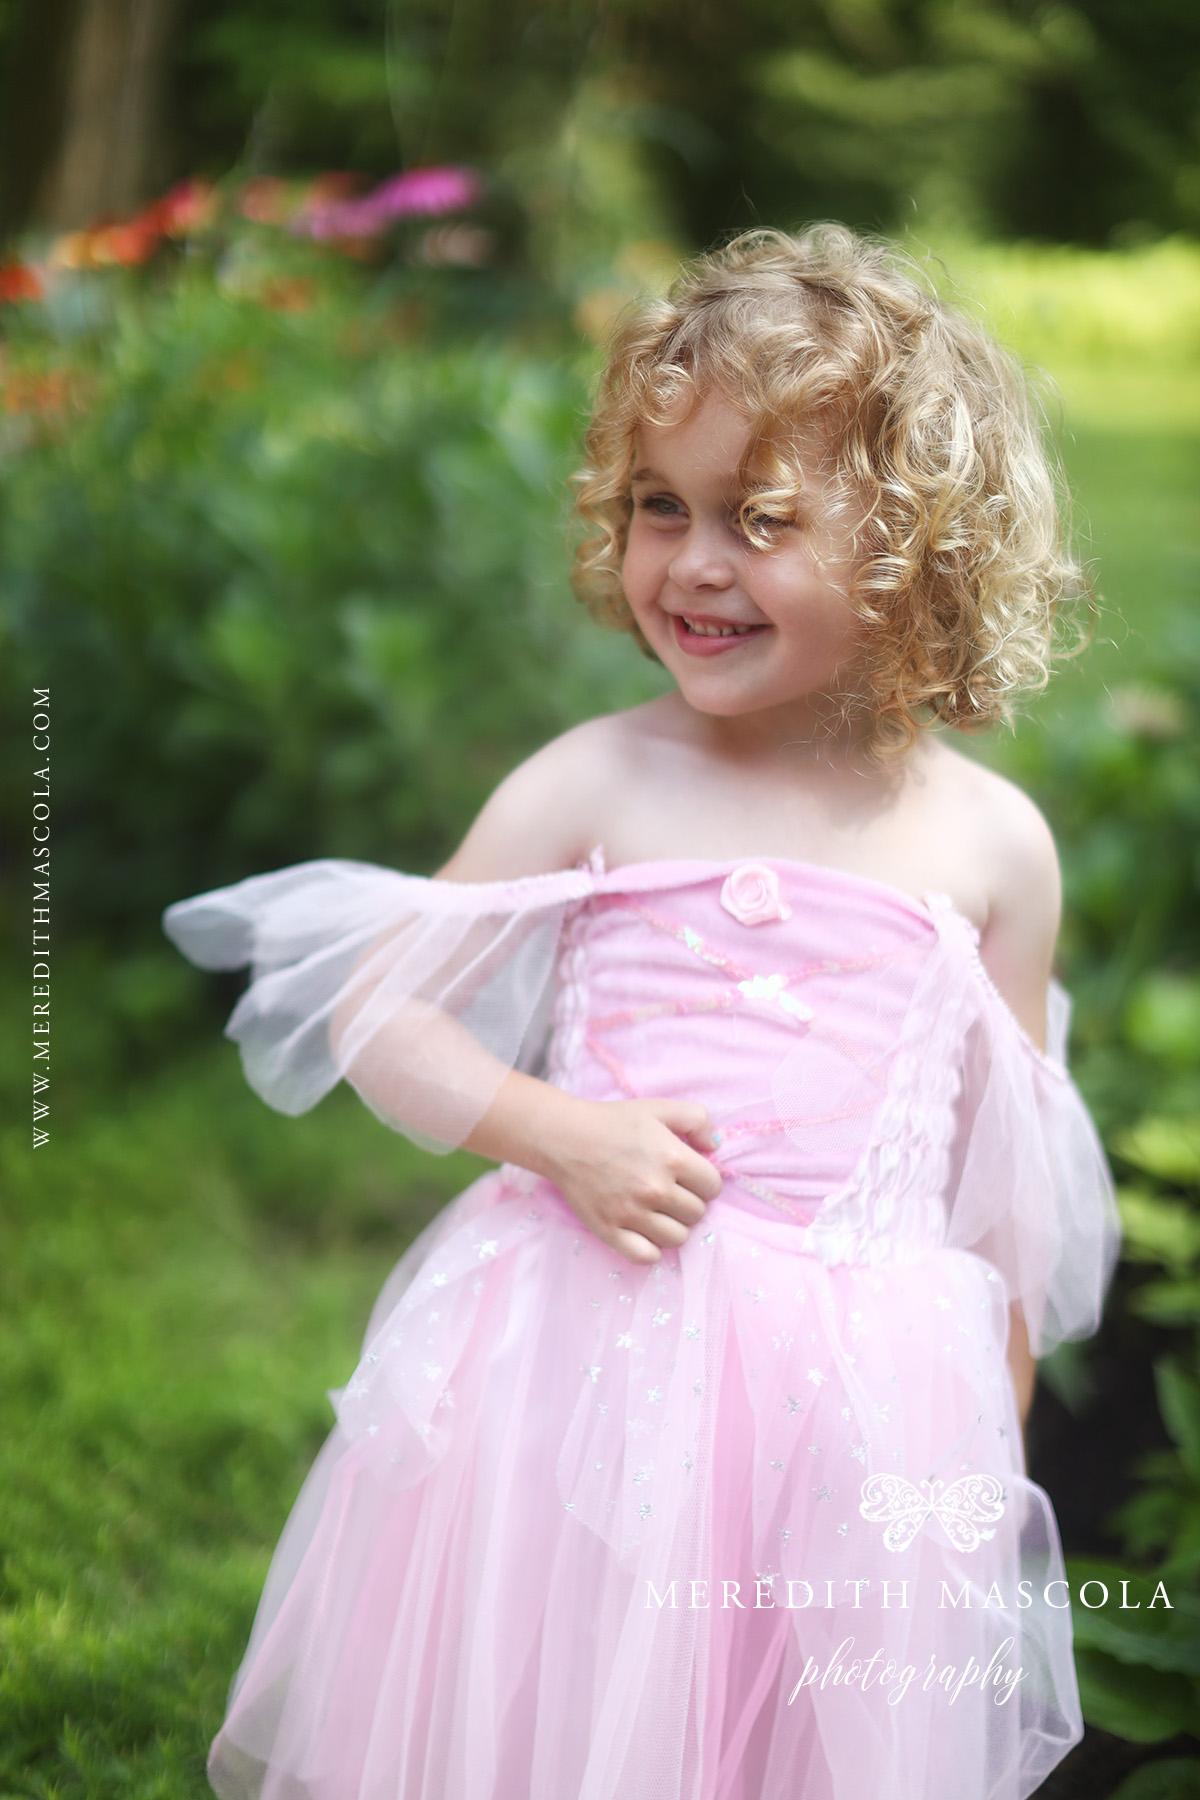 newjerseyfamilyphotographer108.jpg